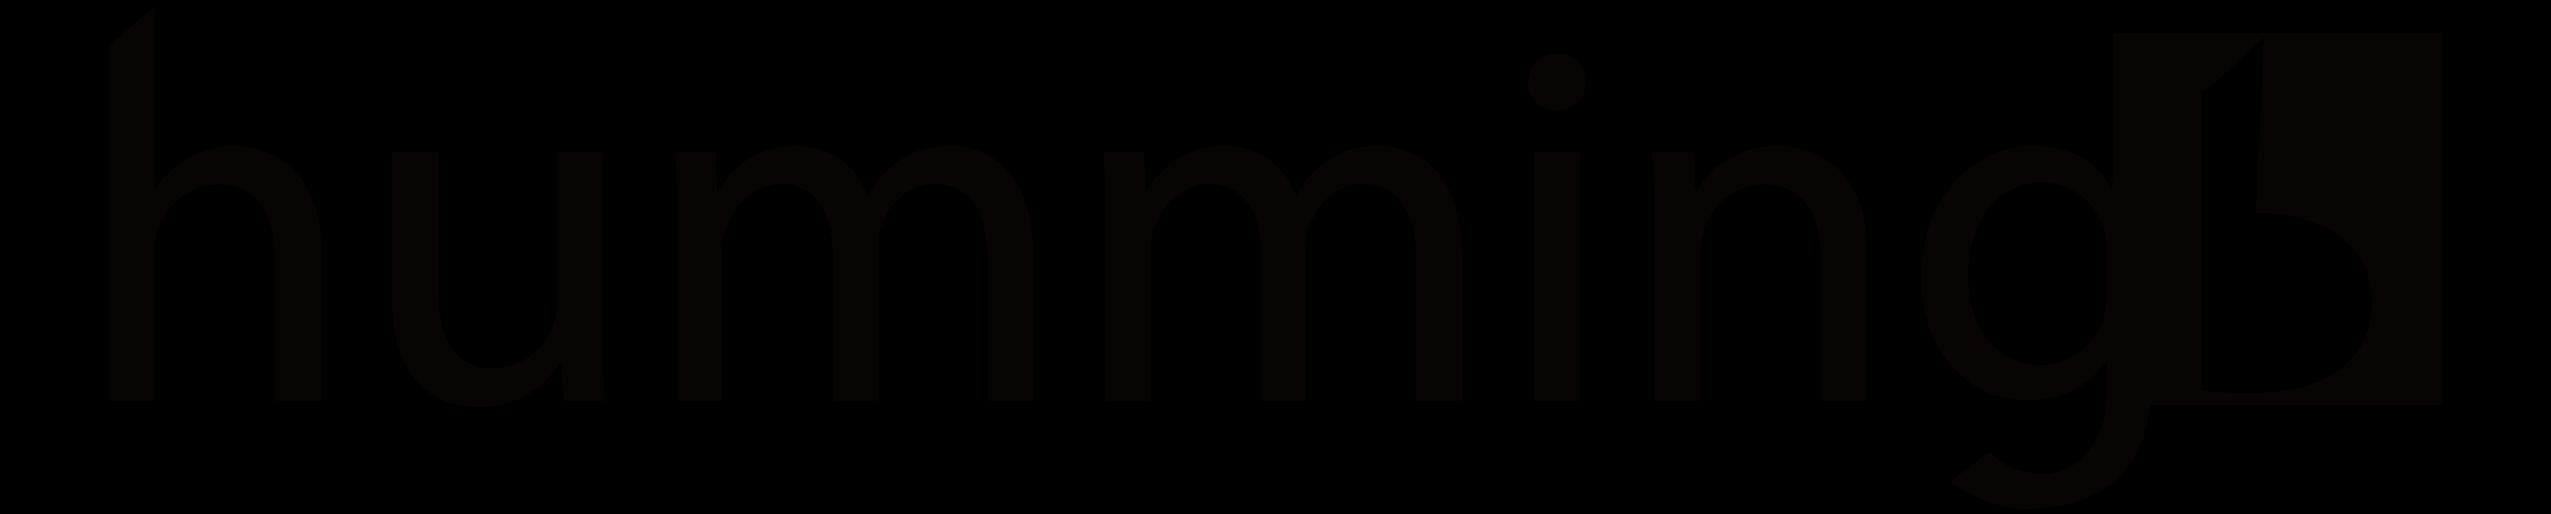 hummingb